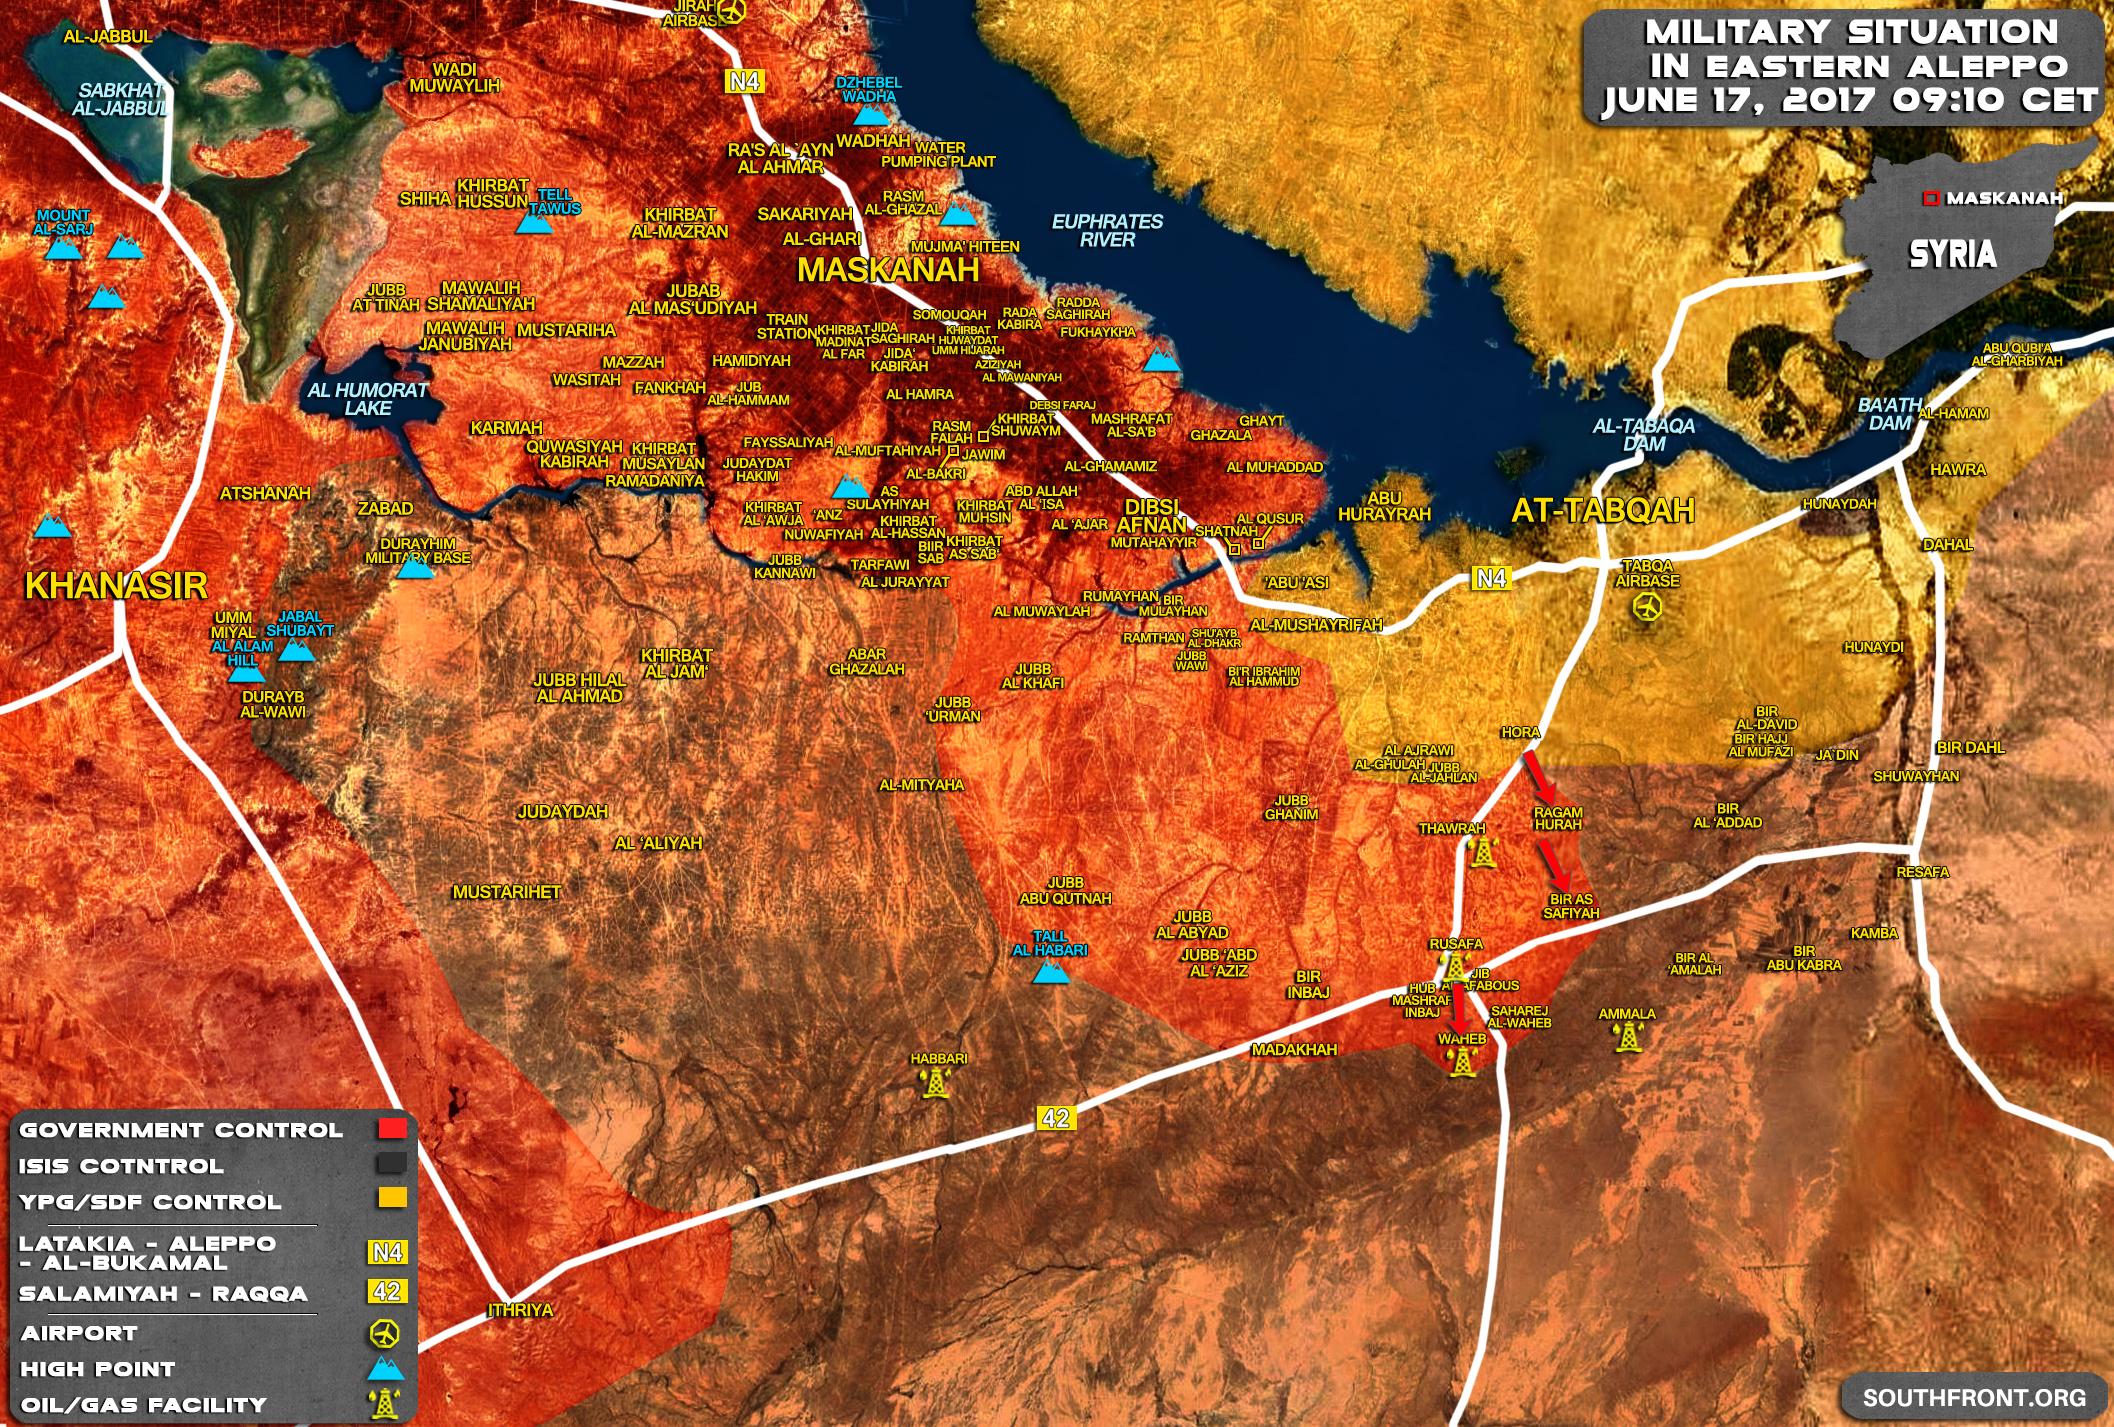 17june_09-10_Eastern-Aleppo_Syria_War_Map